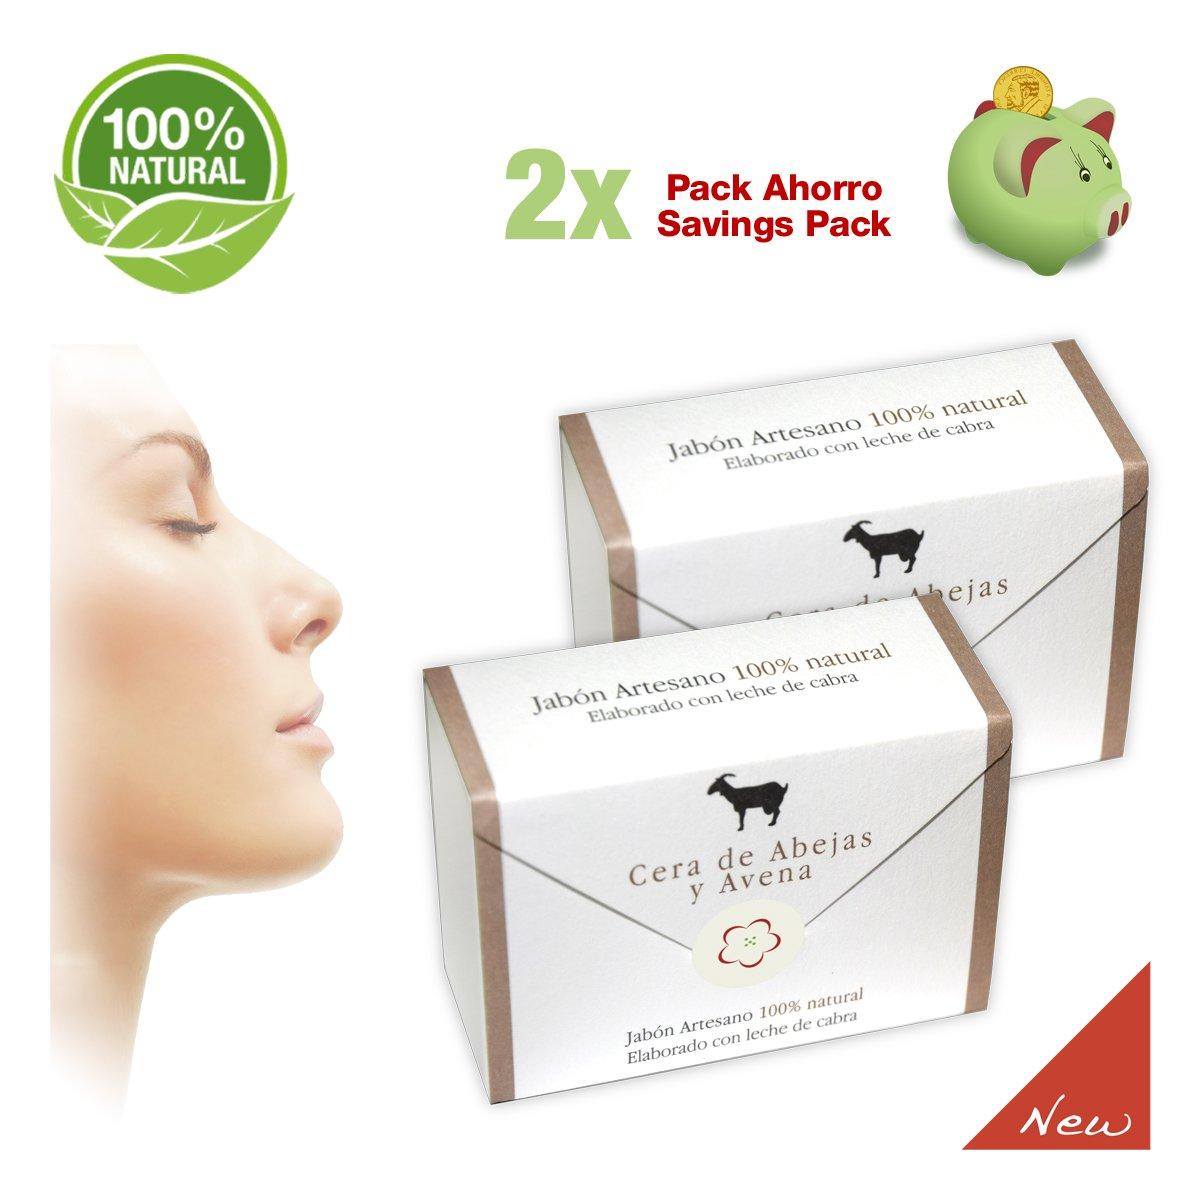 Jabones del Pirineo - Pack de 2 Jabones de Leche de Cabra con Cera de Abejas y Avena 100% Natural para Pieles Sensibles. Regenerador dérmico: Amazon.es: ...